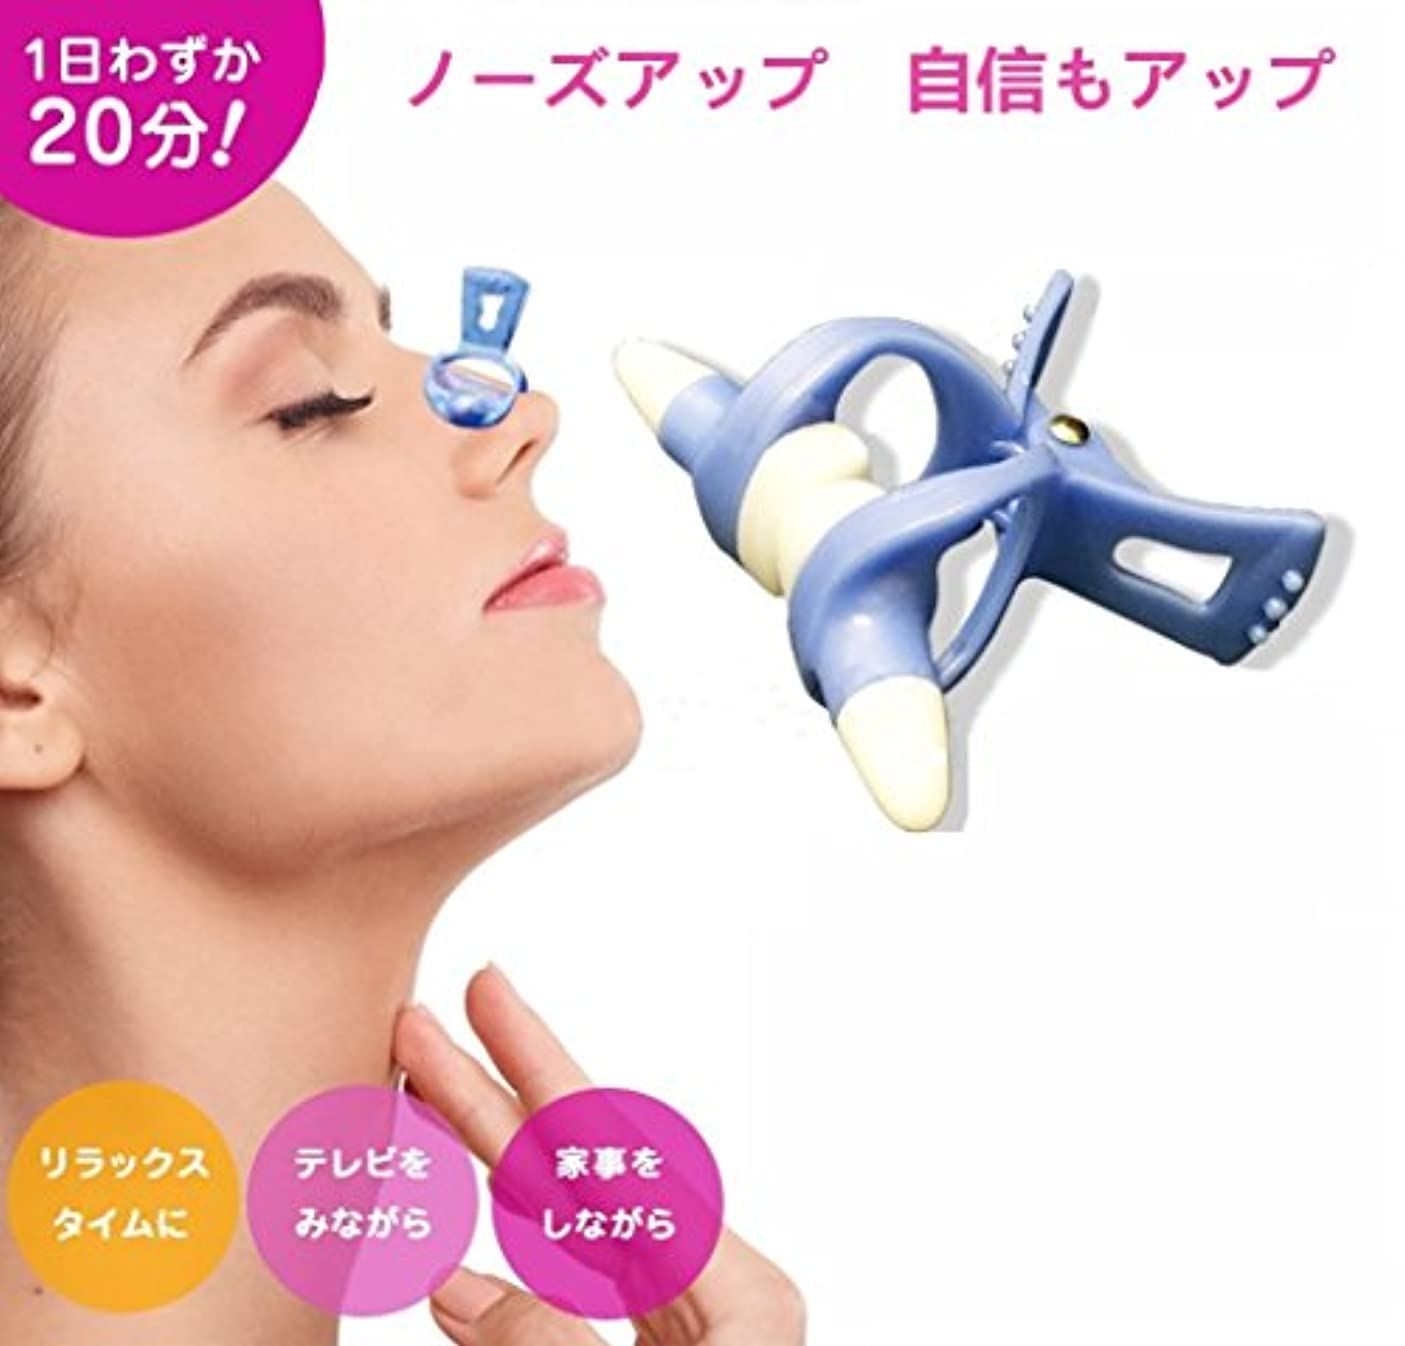 マンモス診断するルアーノーズアップ ノーズクリップ Vicona鼻クリップ 美鼻 鼻筋矯正 鼻プチ プチ整形 鼻筋セレブ 抗菌シリコンで  柔らか素材で痛くない 肌にやさしい